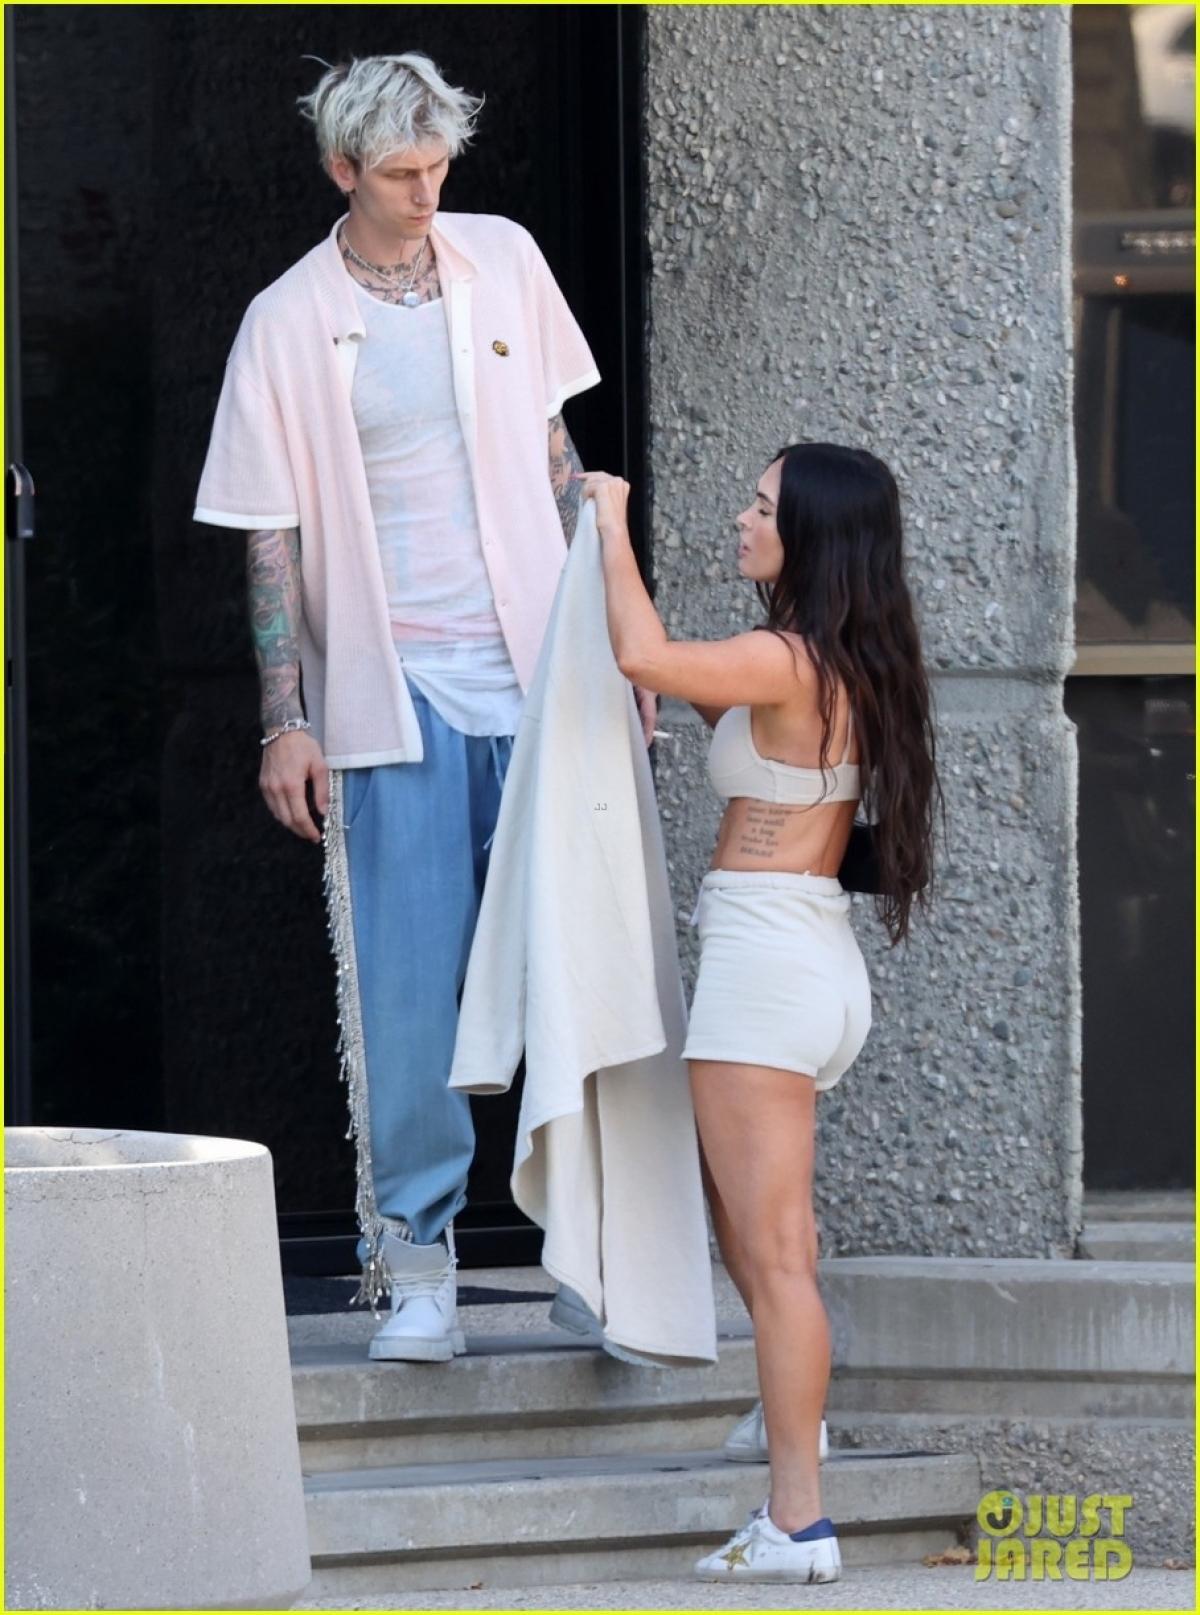 Megan Fox và tình trẻ 'khóa môi' ngọt ngào trên phố trước khi hẹn hò ăn tối lãng mạn Ảnh 5